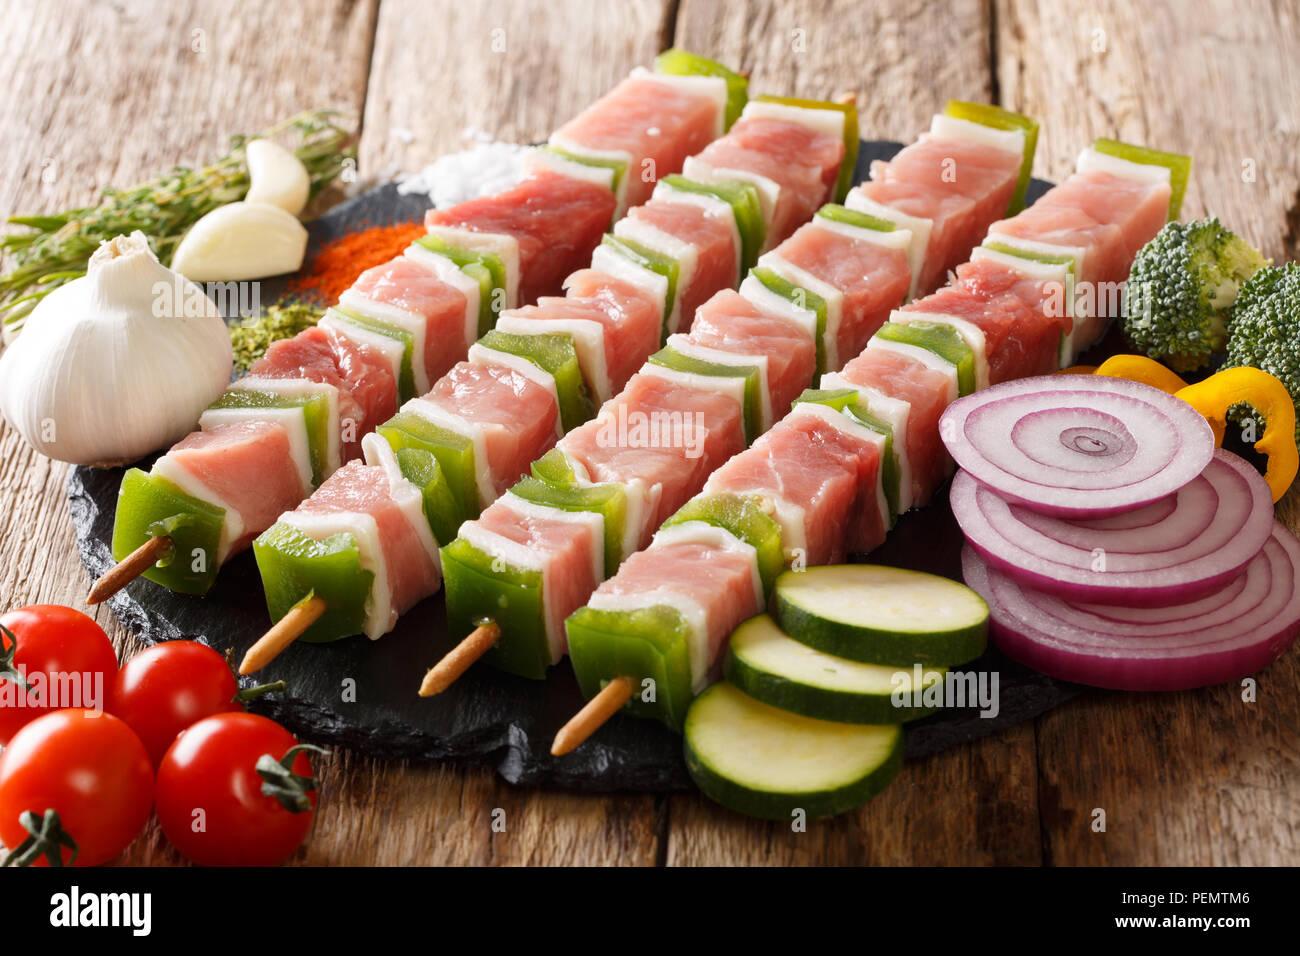 Para barbacoa materias shish kebab con pimienta y manteca de cerdo en brochetas de cerca y los ingredientes, verduras, especias, hierbas aromáticas en la tabla horizontal. Imagen De Stock